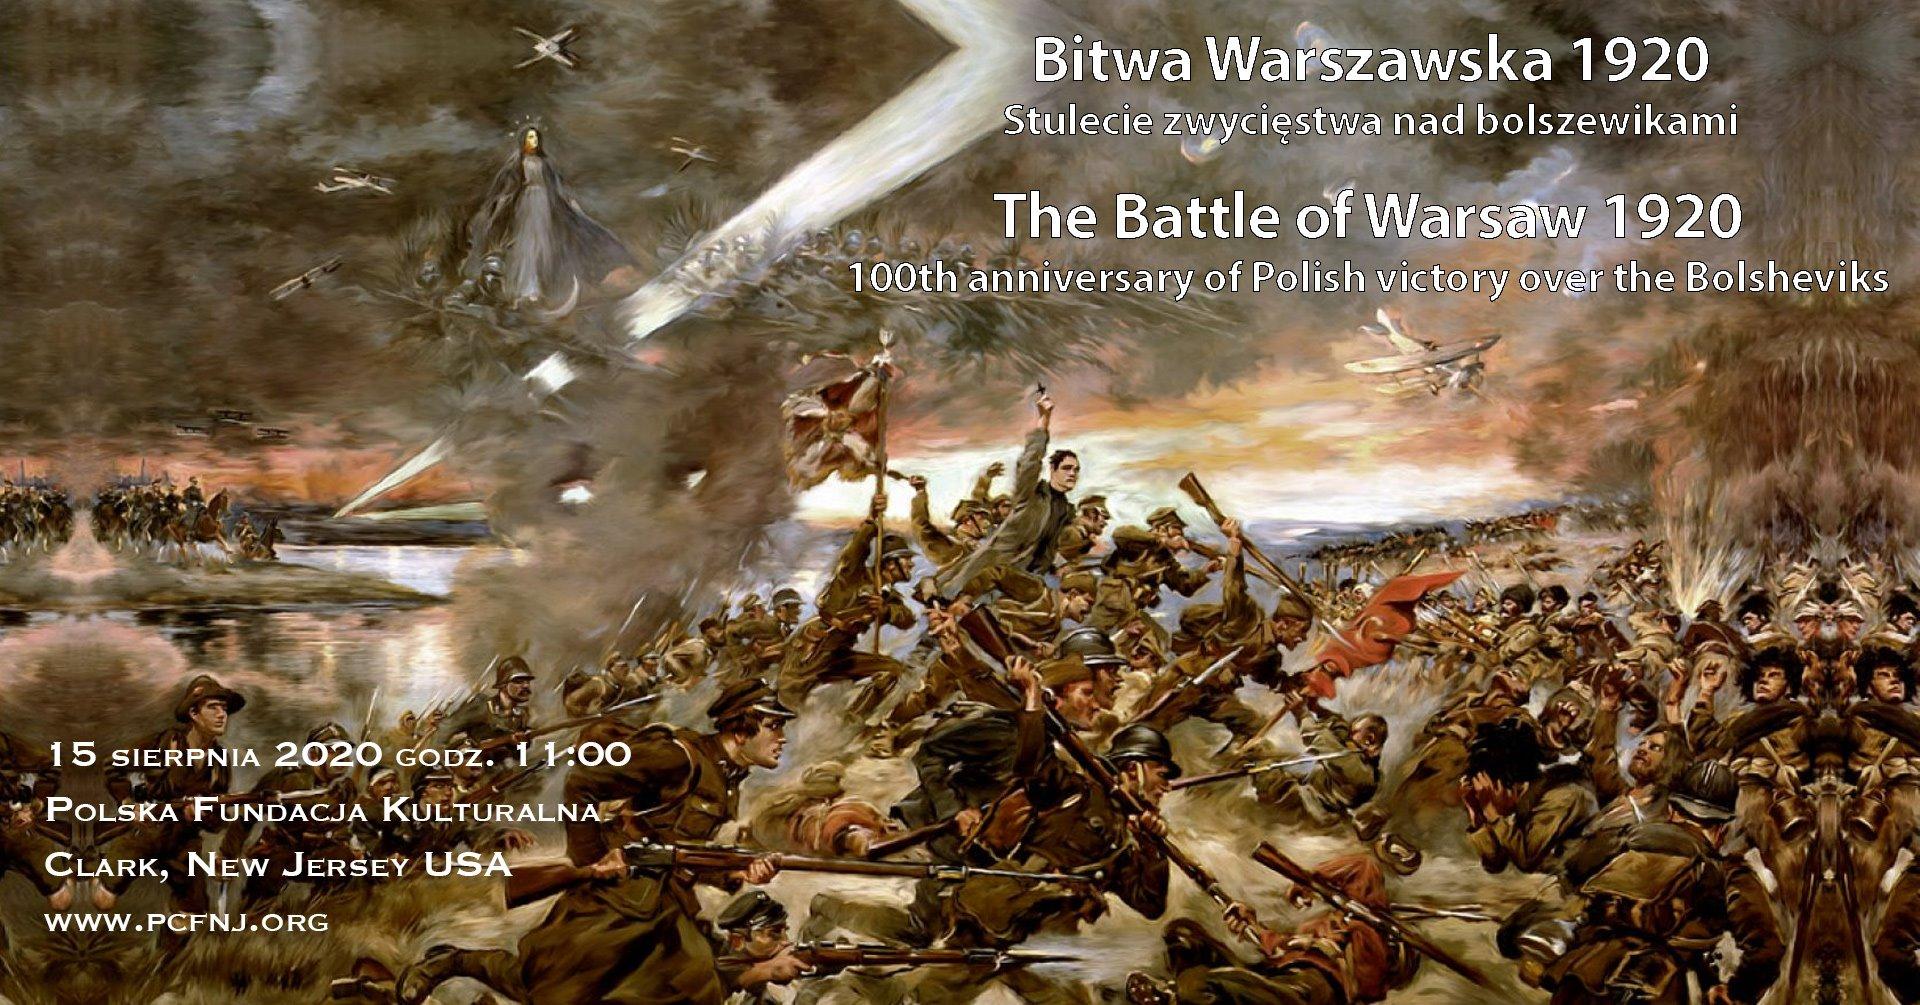 """Otwarcie wystawy plenerowej """"Wojna z bolszewikami. Bitwa warszawska 1920"""" w Clark, NJ"""